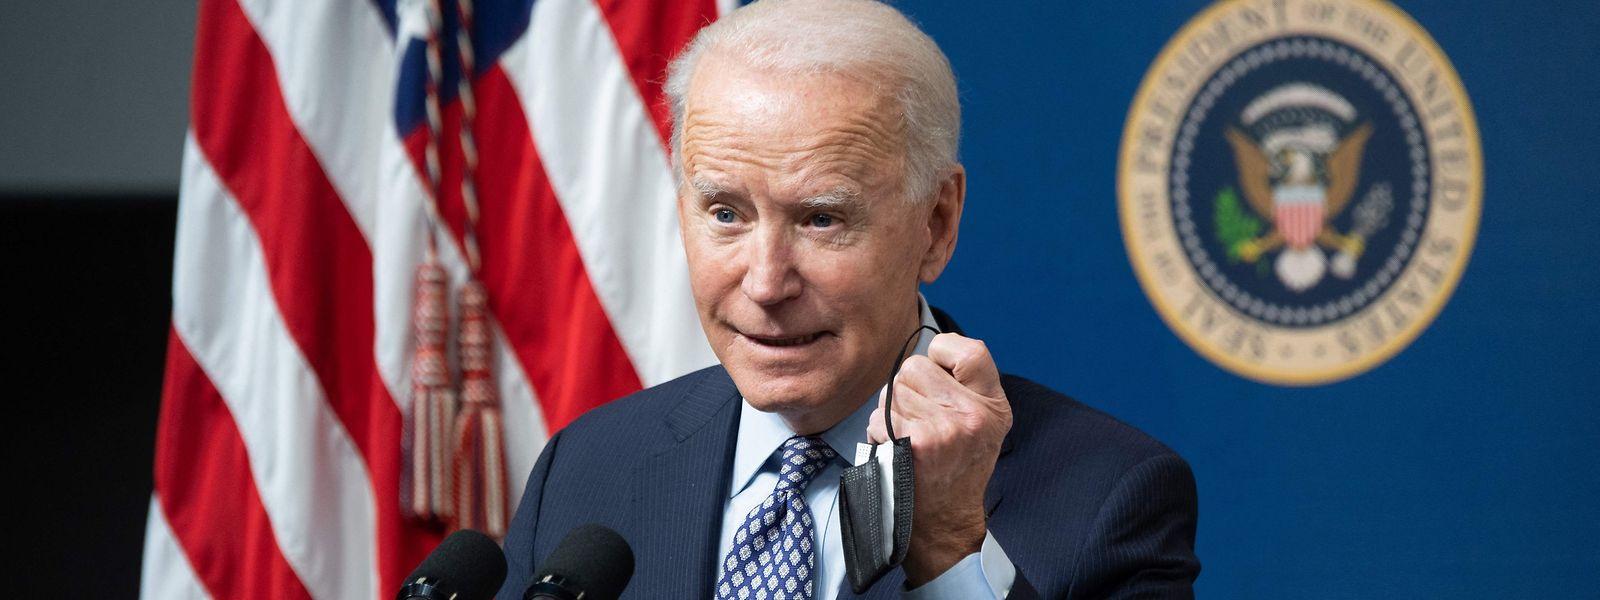 US-Präsident Joe Biden wird wohl nicht seine komplette Agenda im Senat durchbringen können.